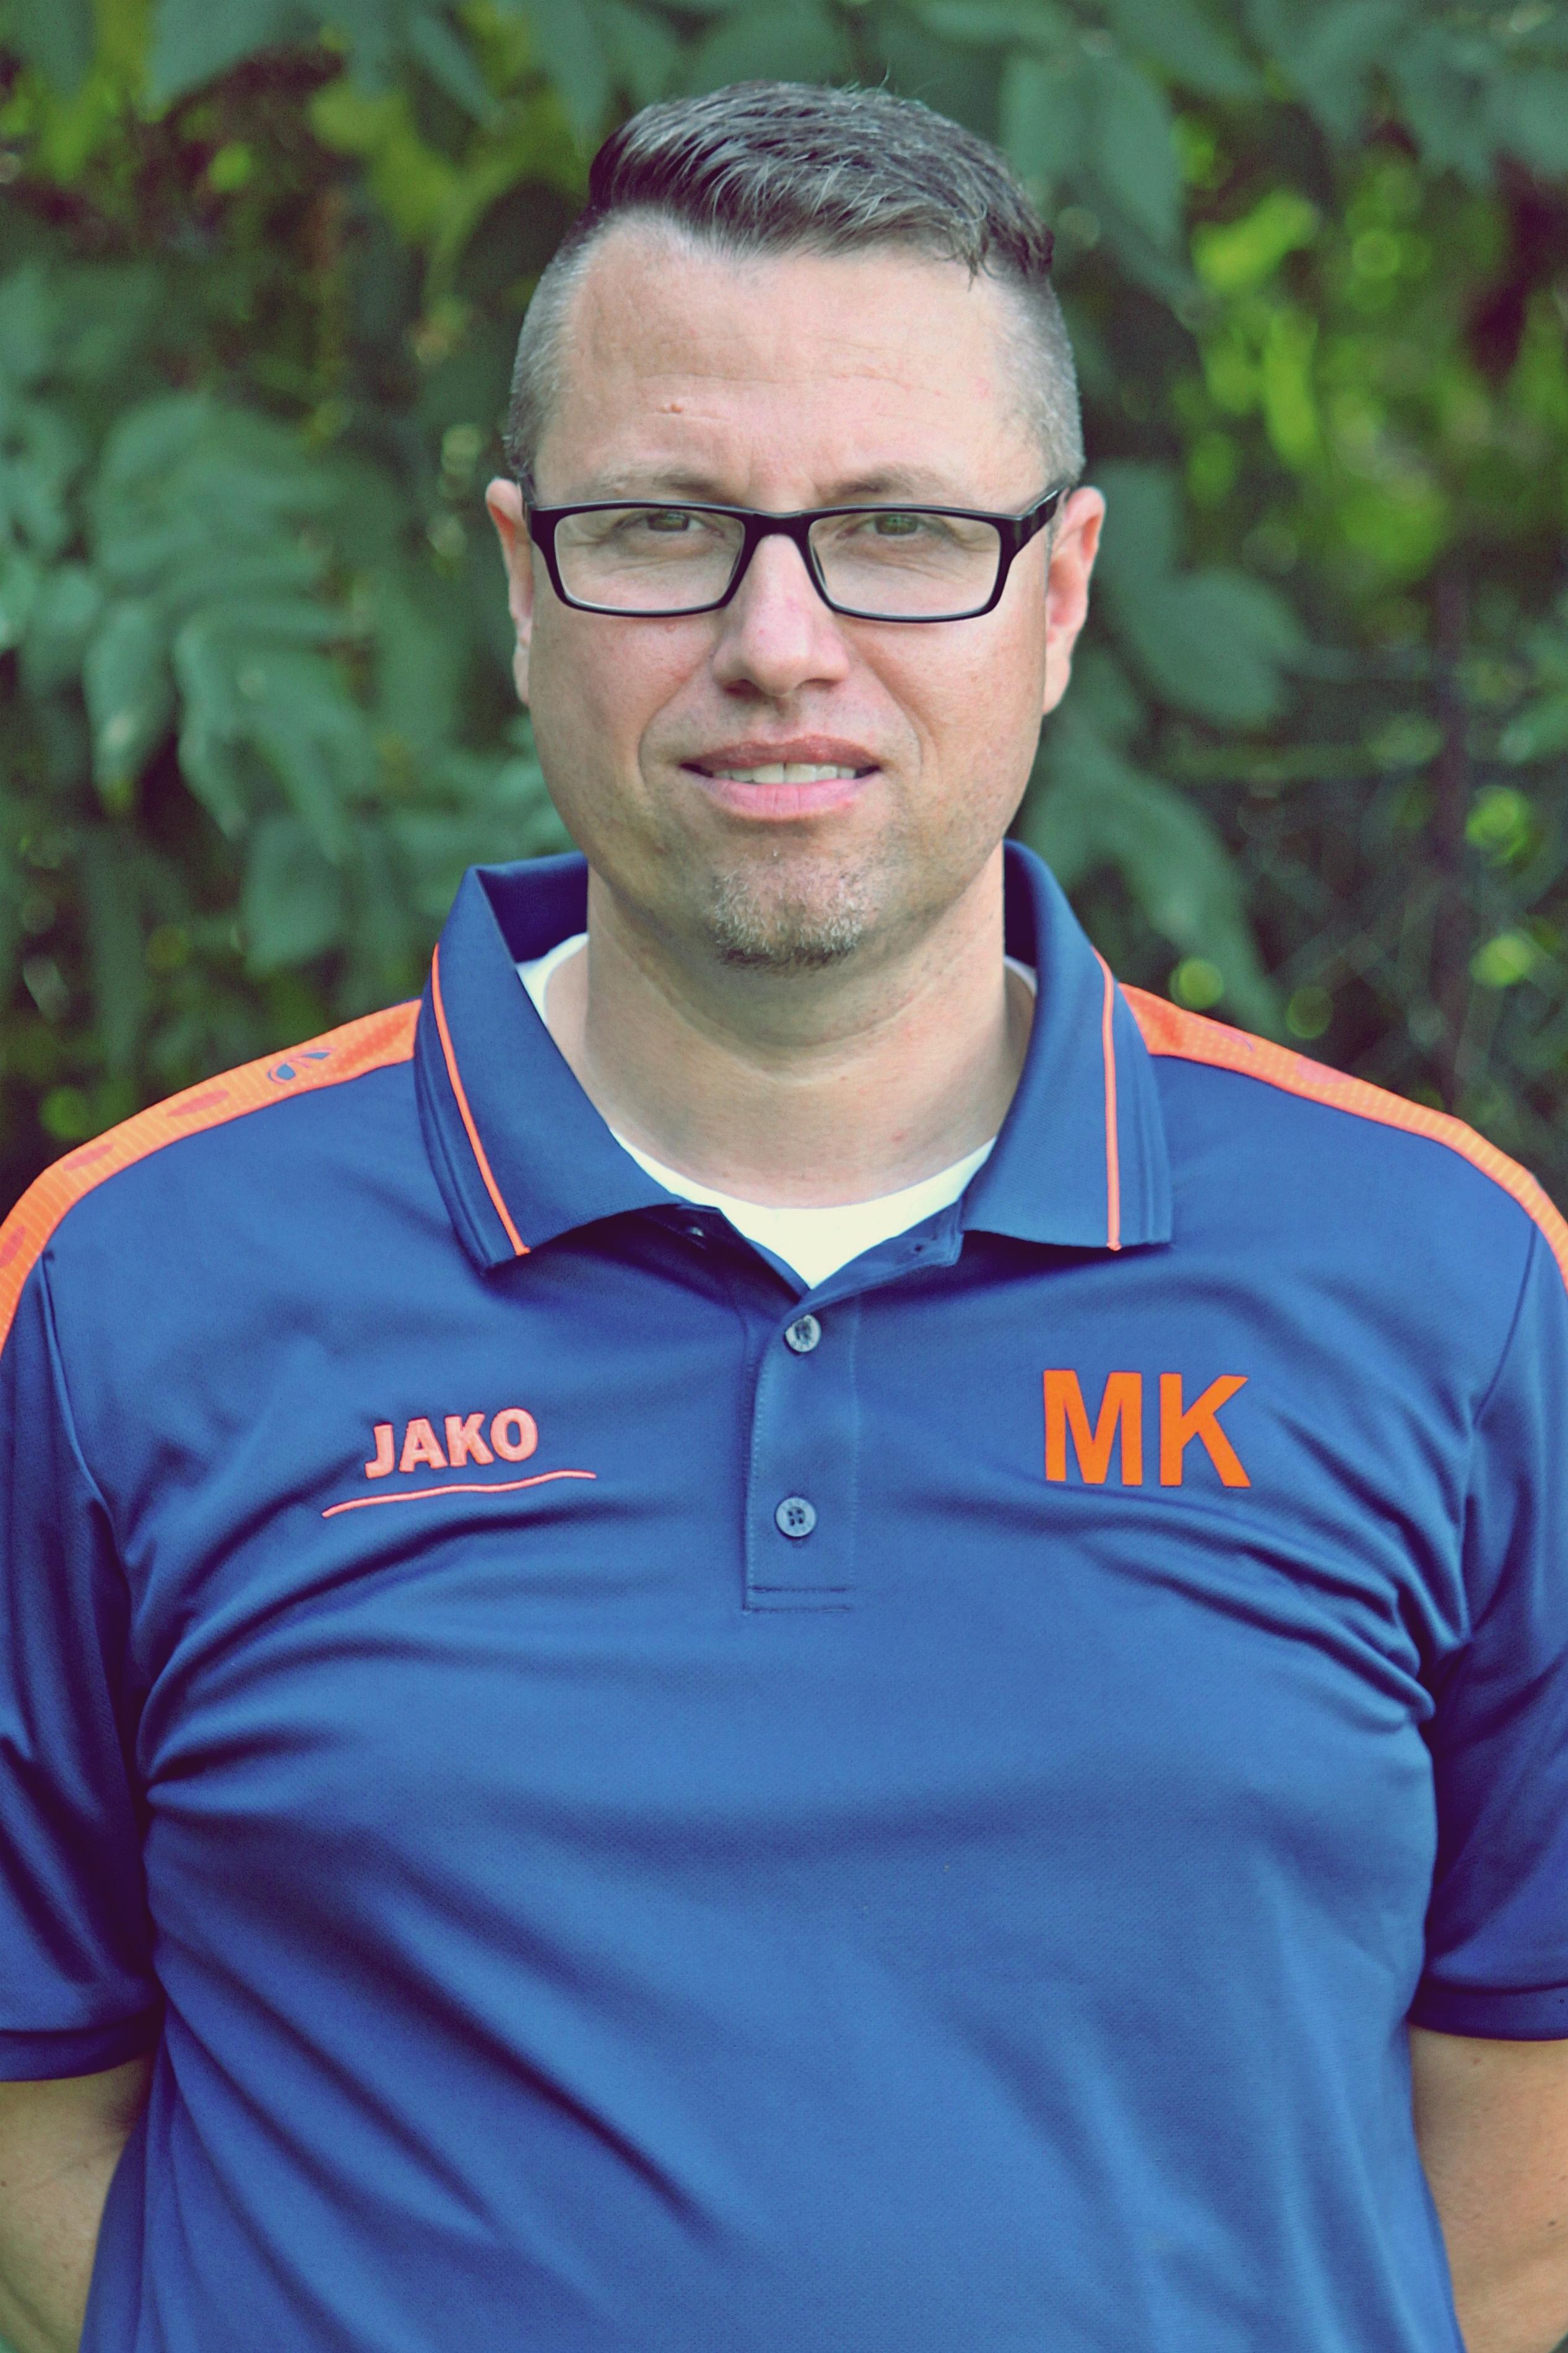 Marc Kretschmer